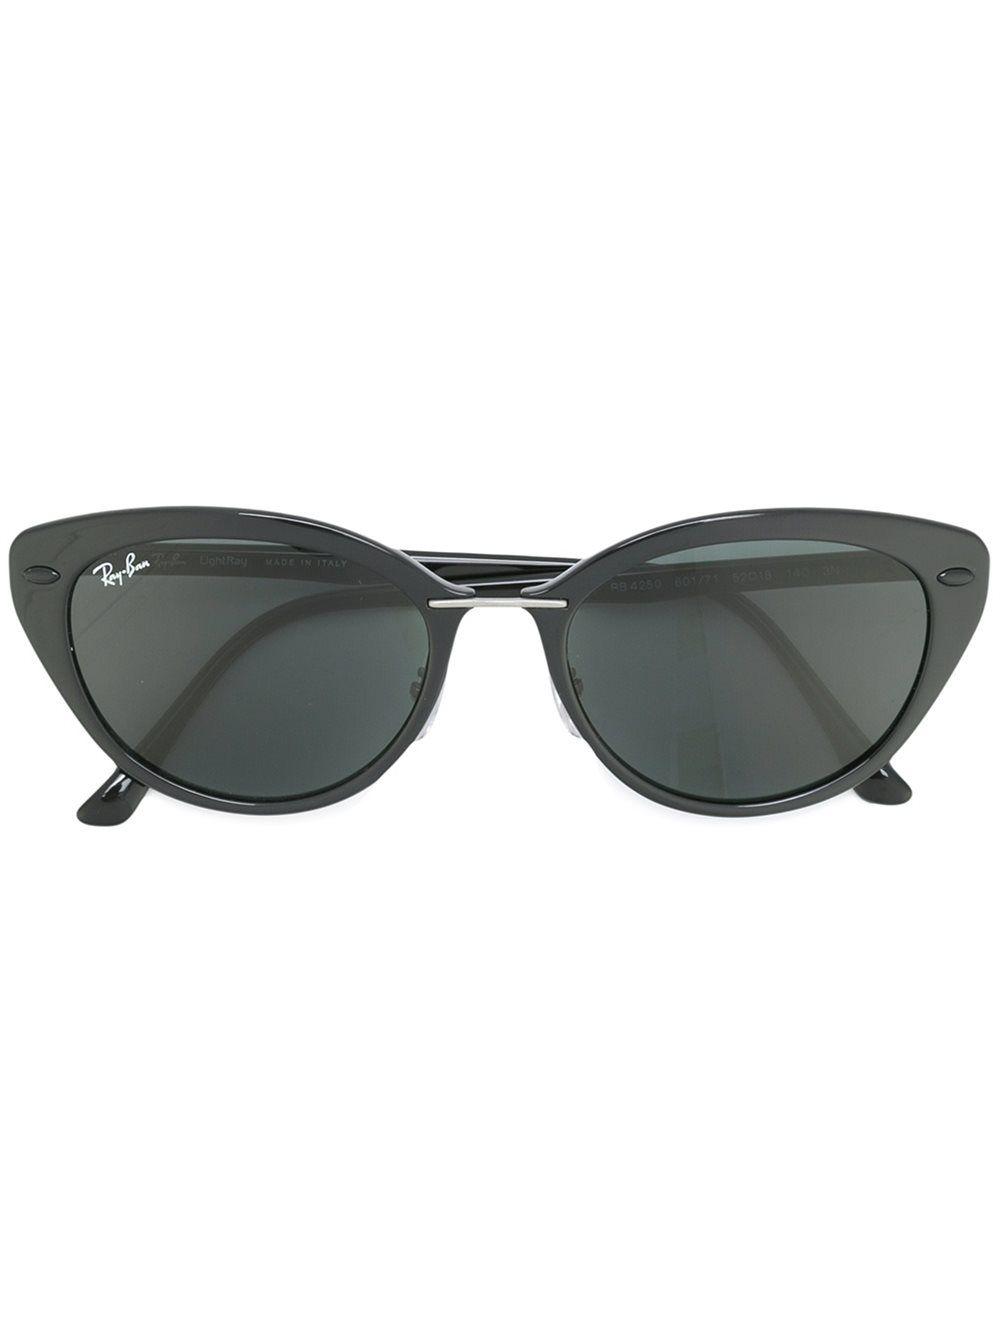 bd5eb245982f7 Ray-Ban Óculos de sol gatinho  Light Rey    óculos